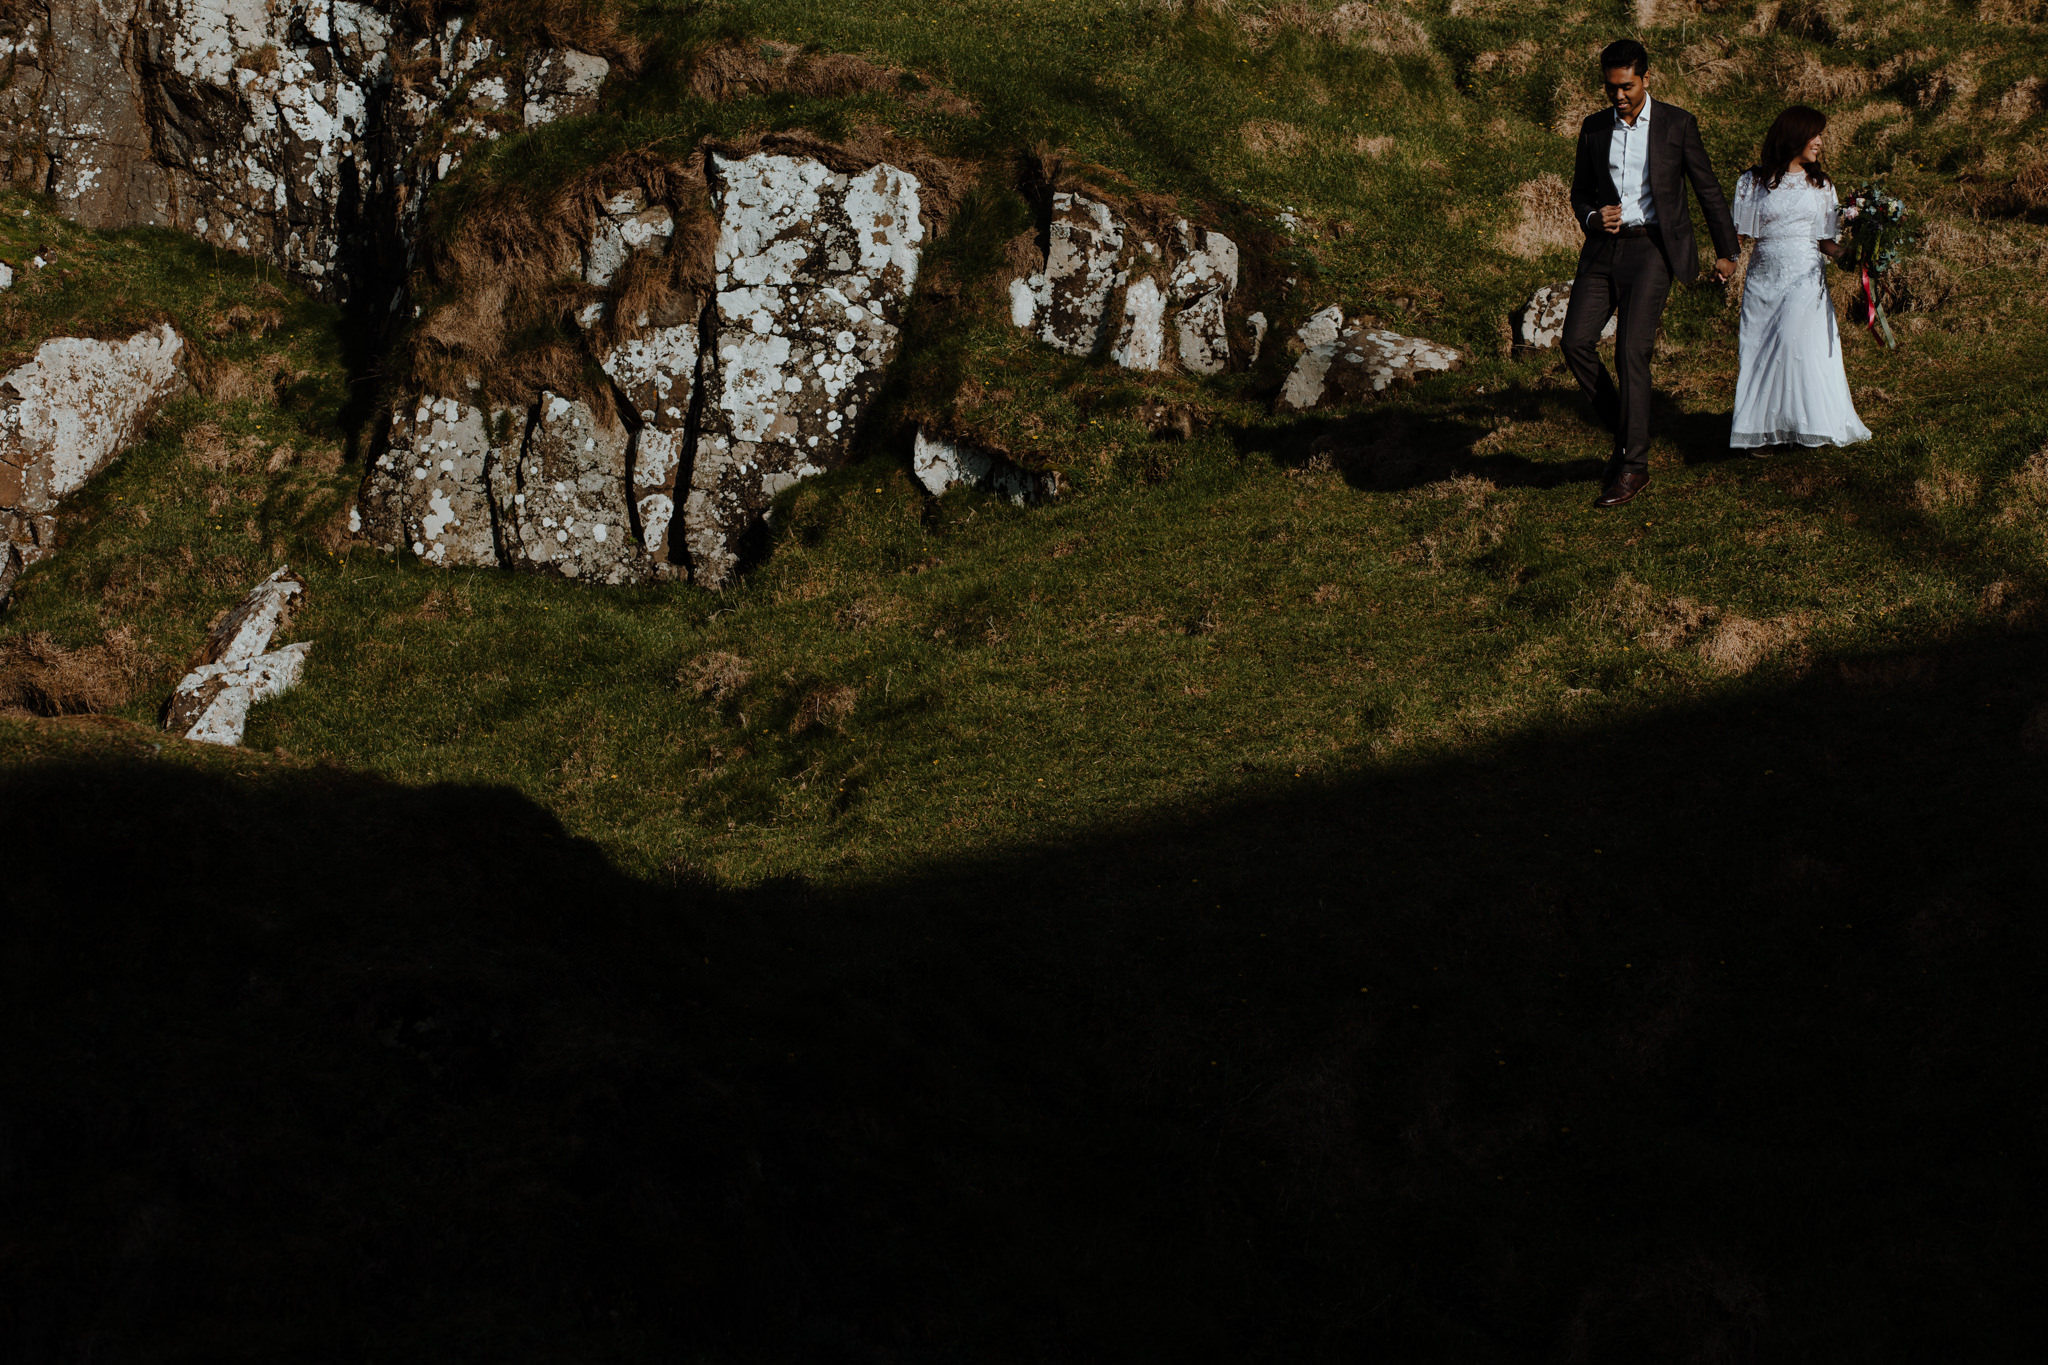 epic castle ruin elopement locations in ireland